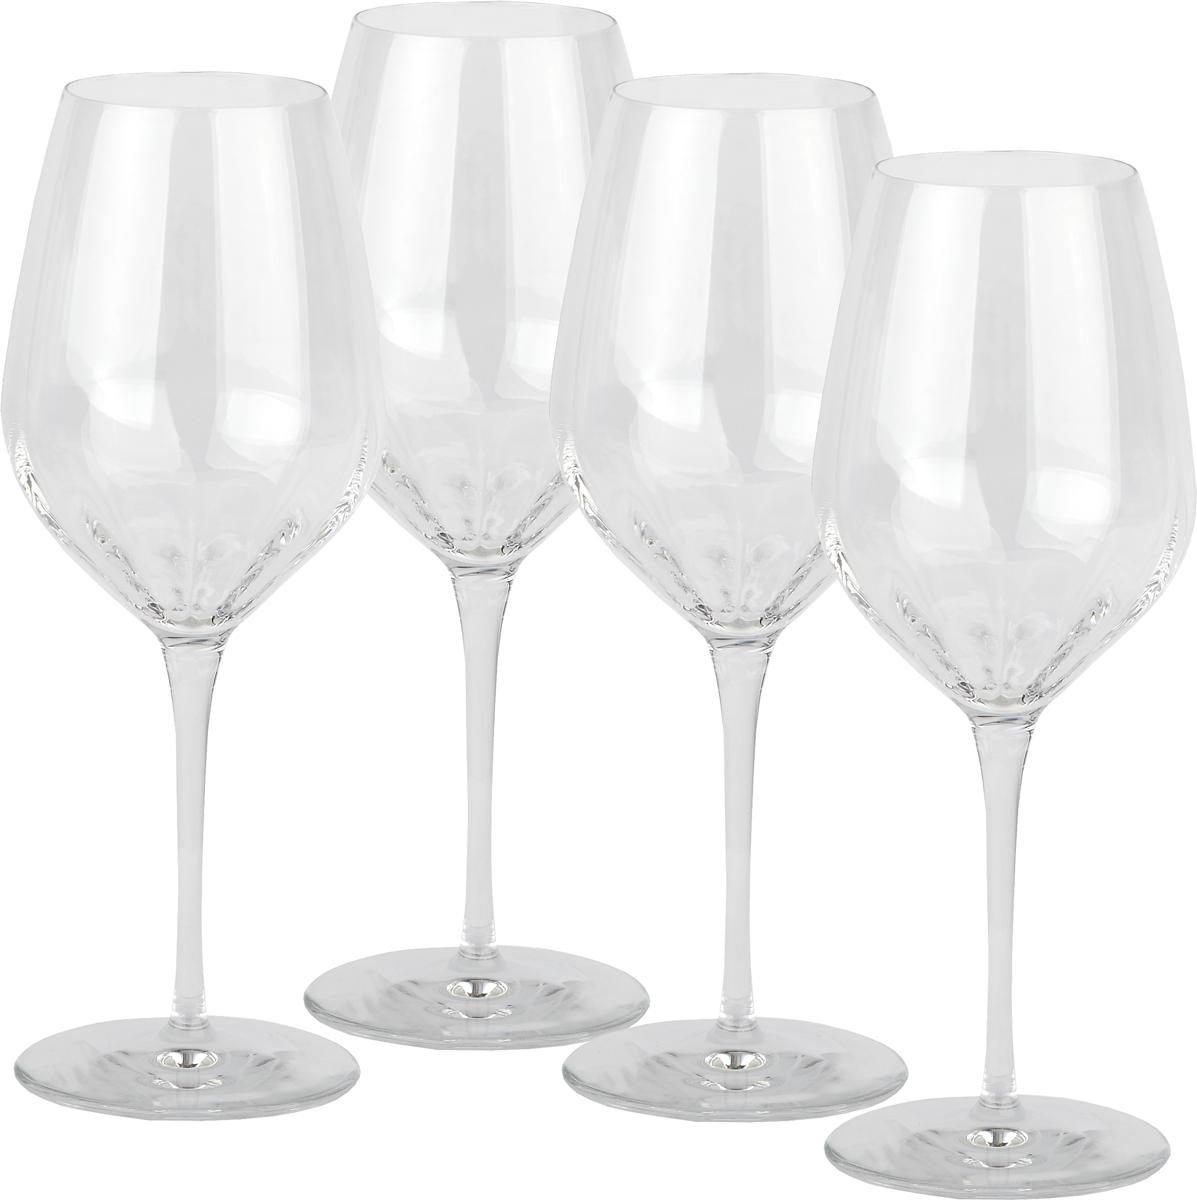 Набор бокалов Bormioli Rocco Incontri, для красного вина, 430 мл, 4 шт набор стаканов bormioli rocco сордженте кулер цвет желтый 460 мл 3 шт